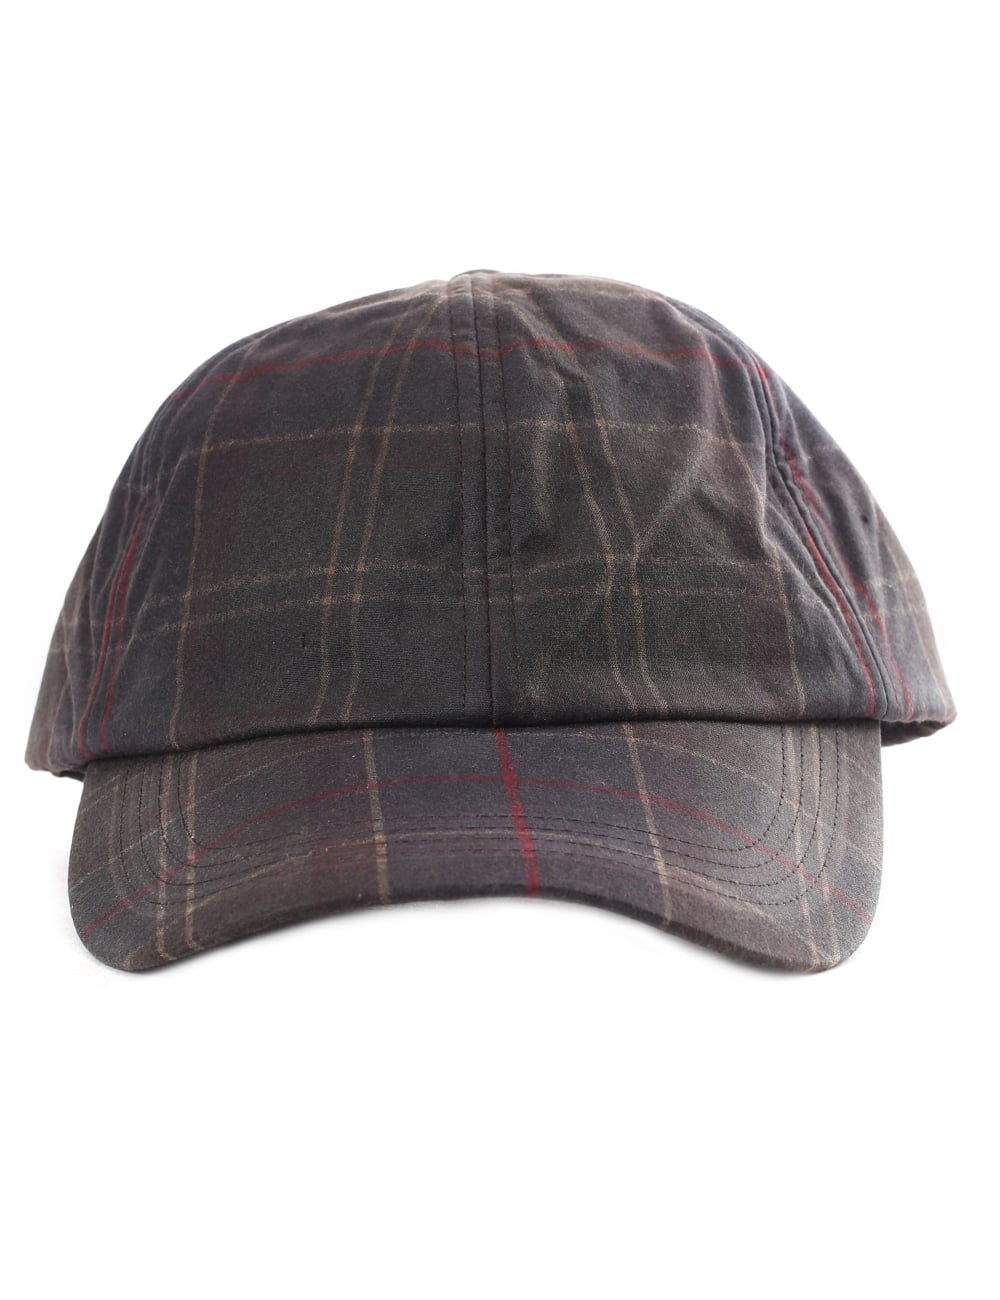 63606dd5b6eb7 Barbour Tartan Men s Wax Sports Cap